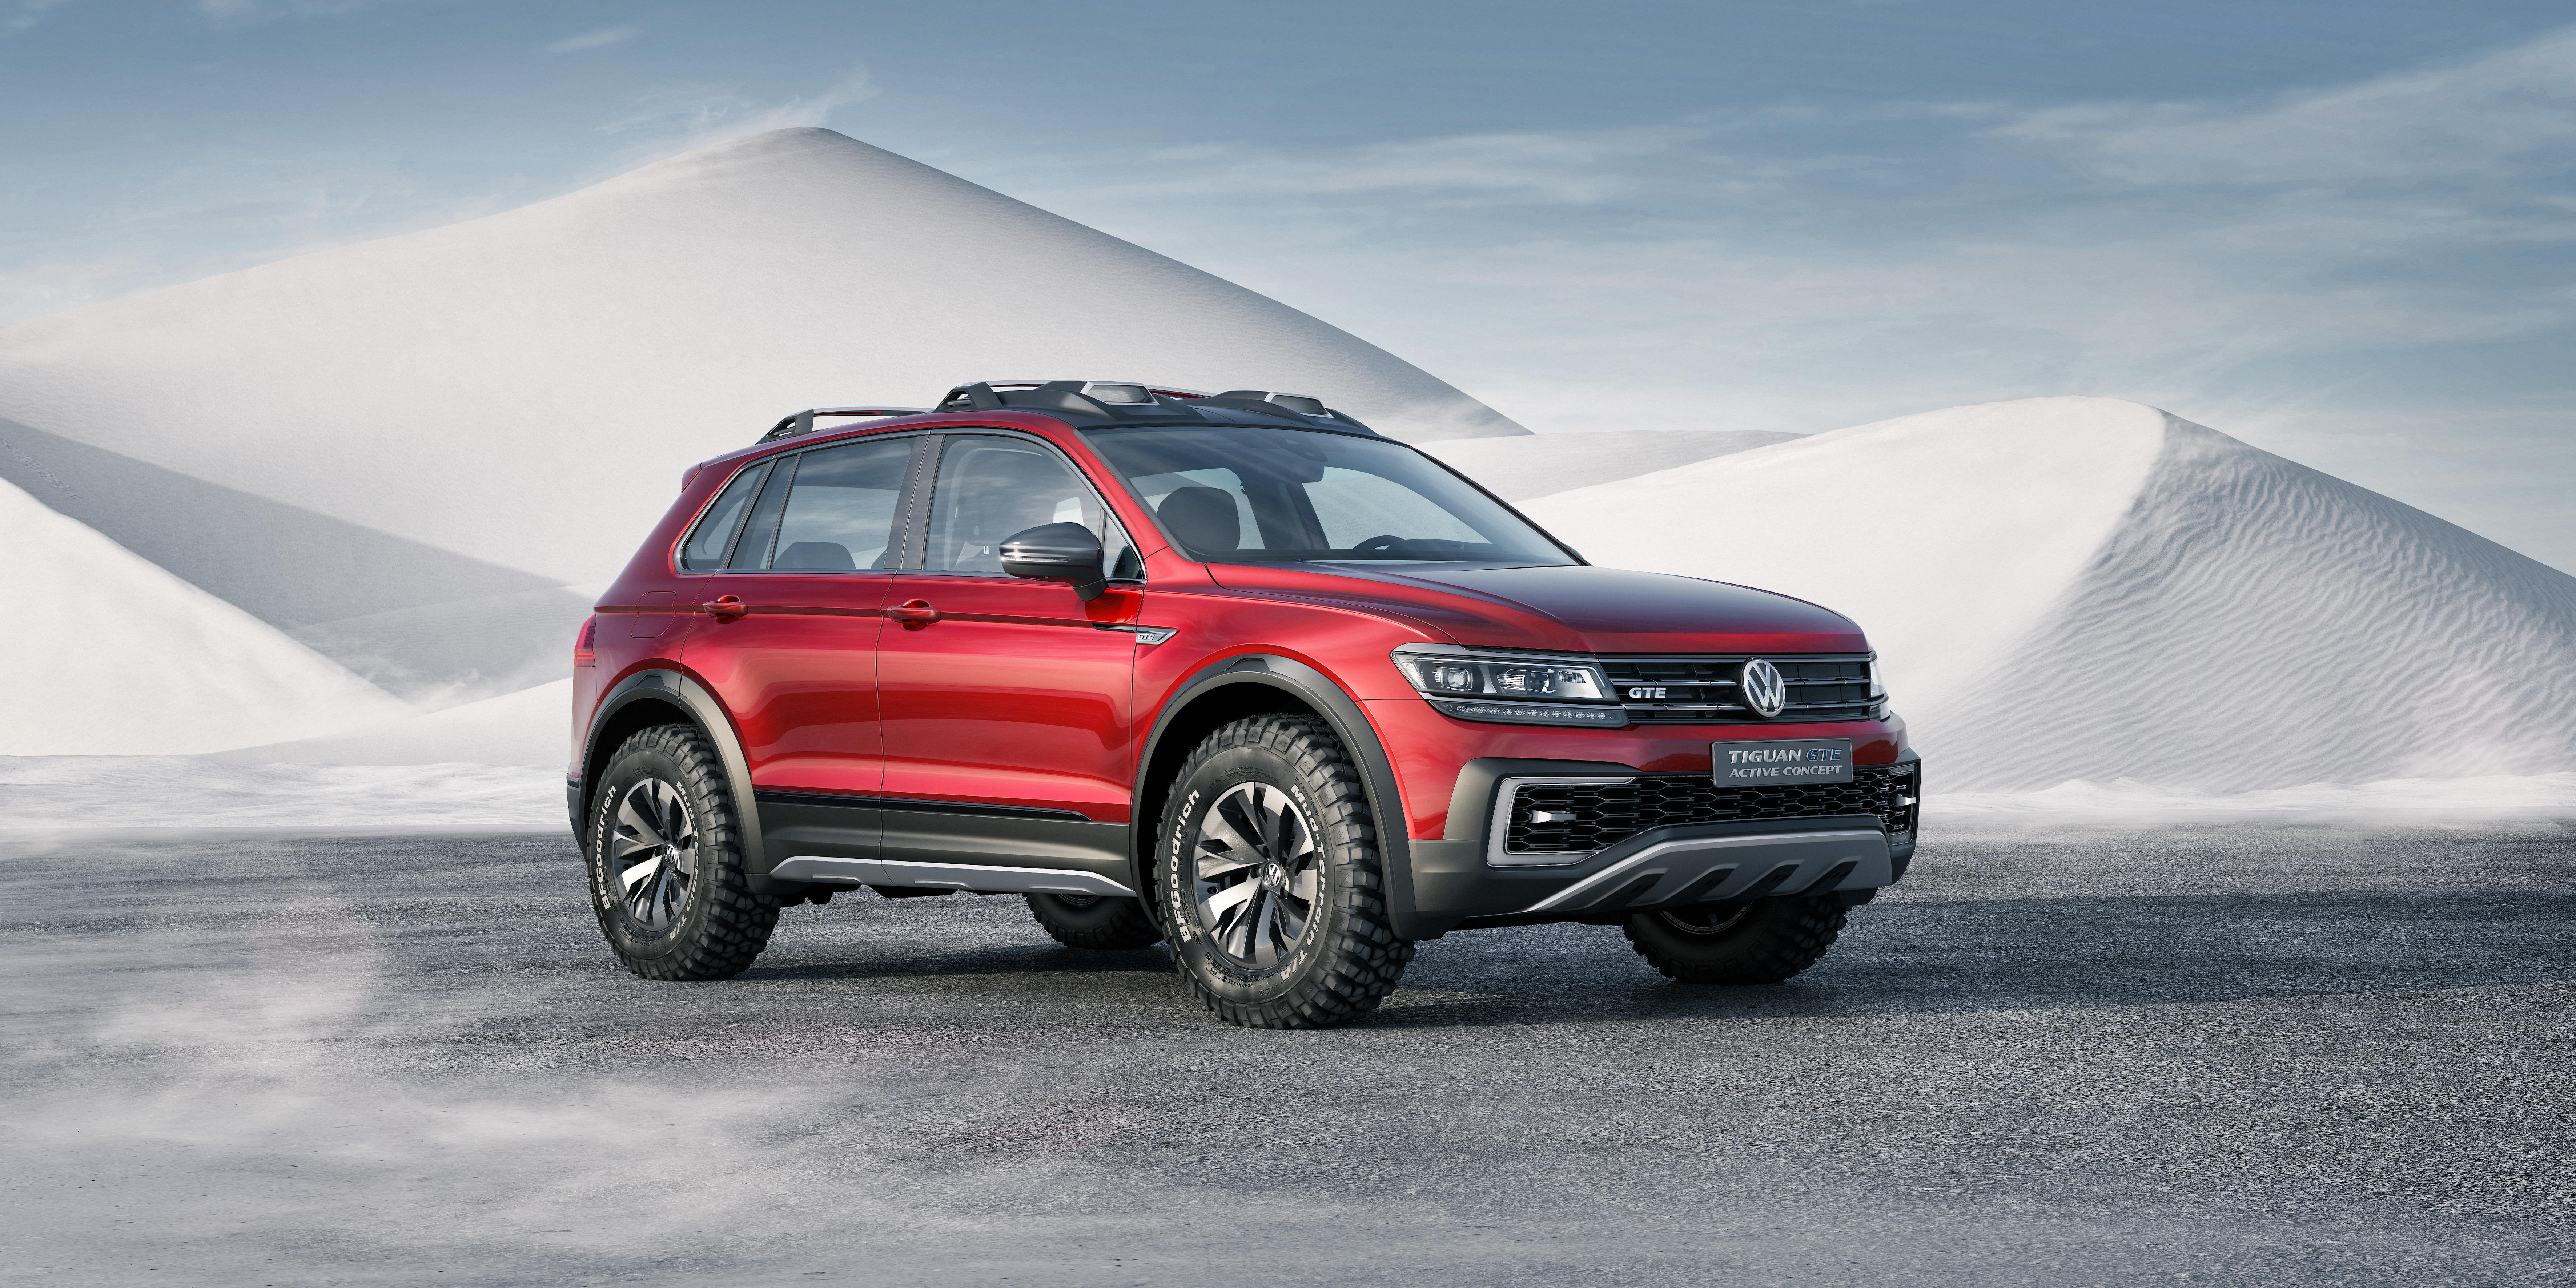 Volkswagen's Tiguan PHEV Concept Reaches 580 Miles